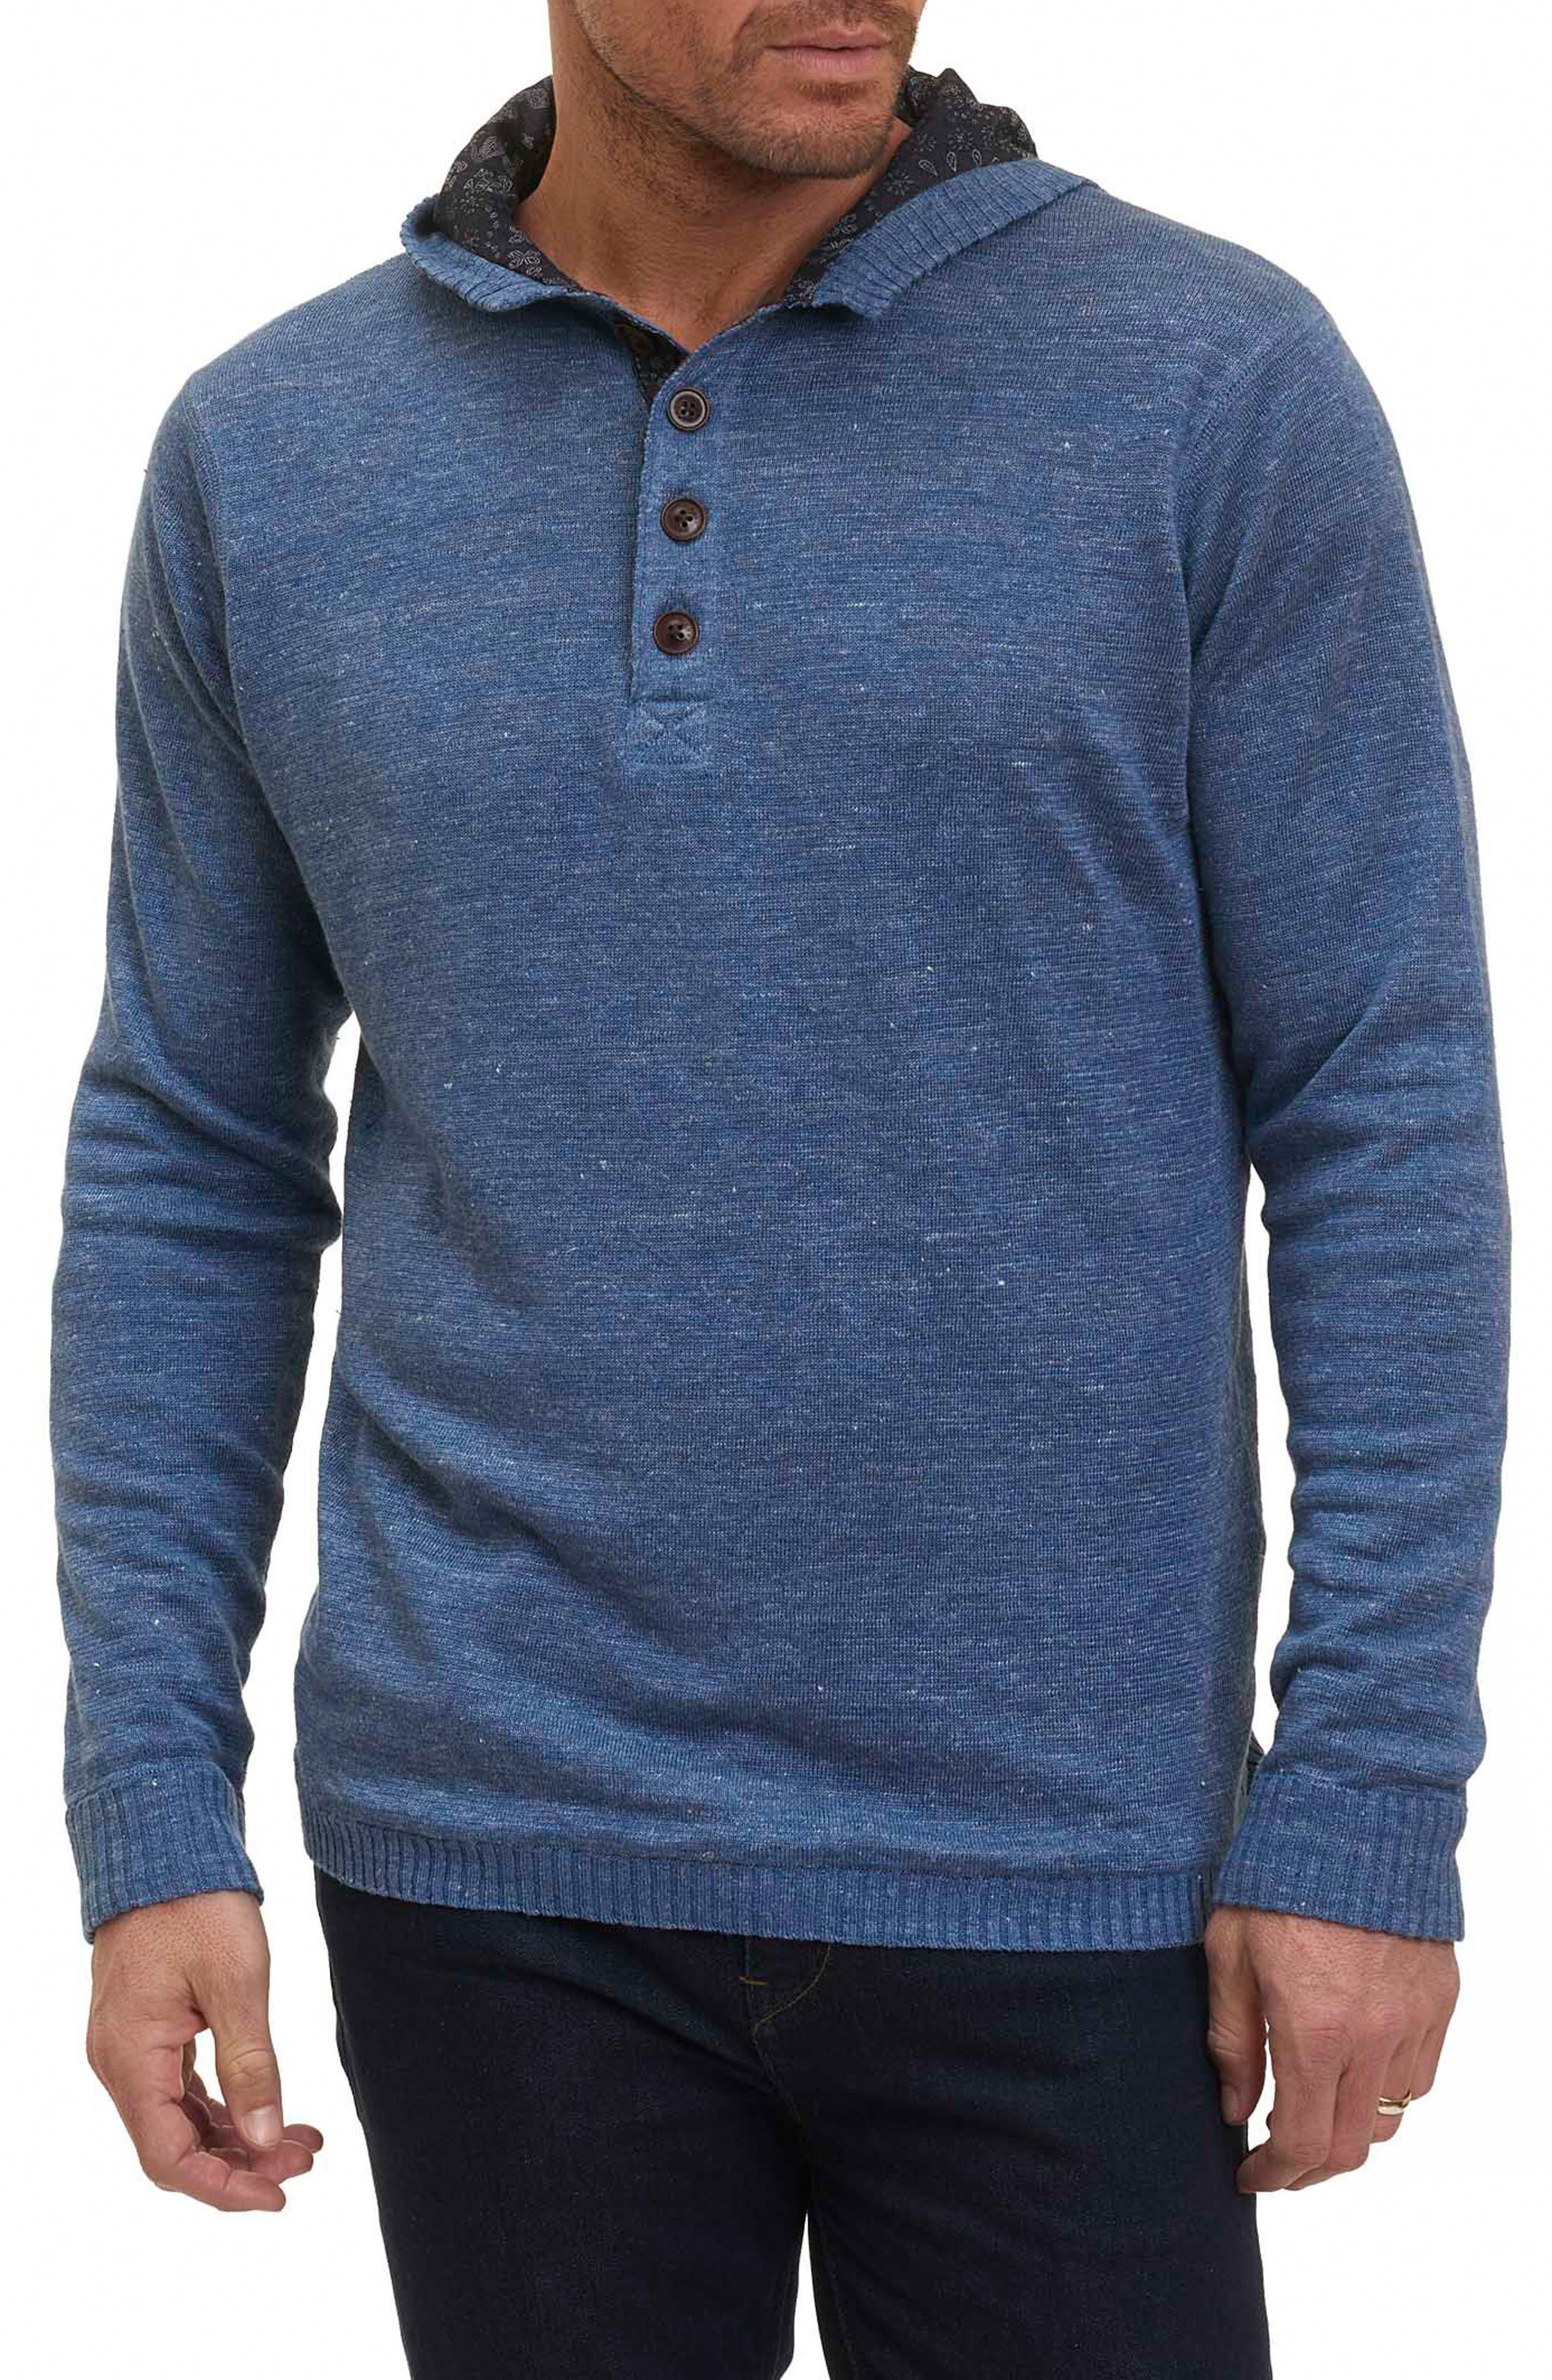 Robert Graham Indus River Sweater Hoodie